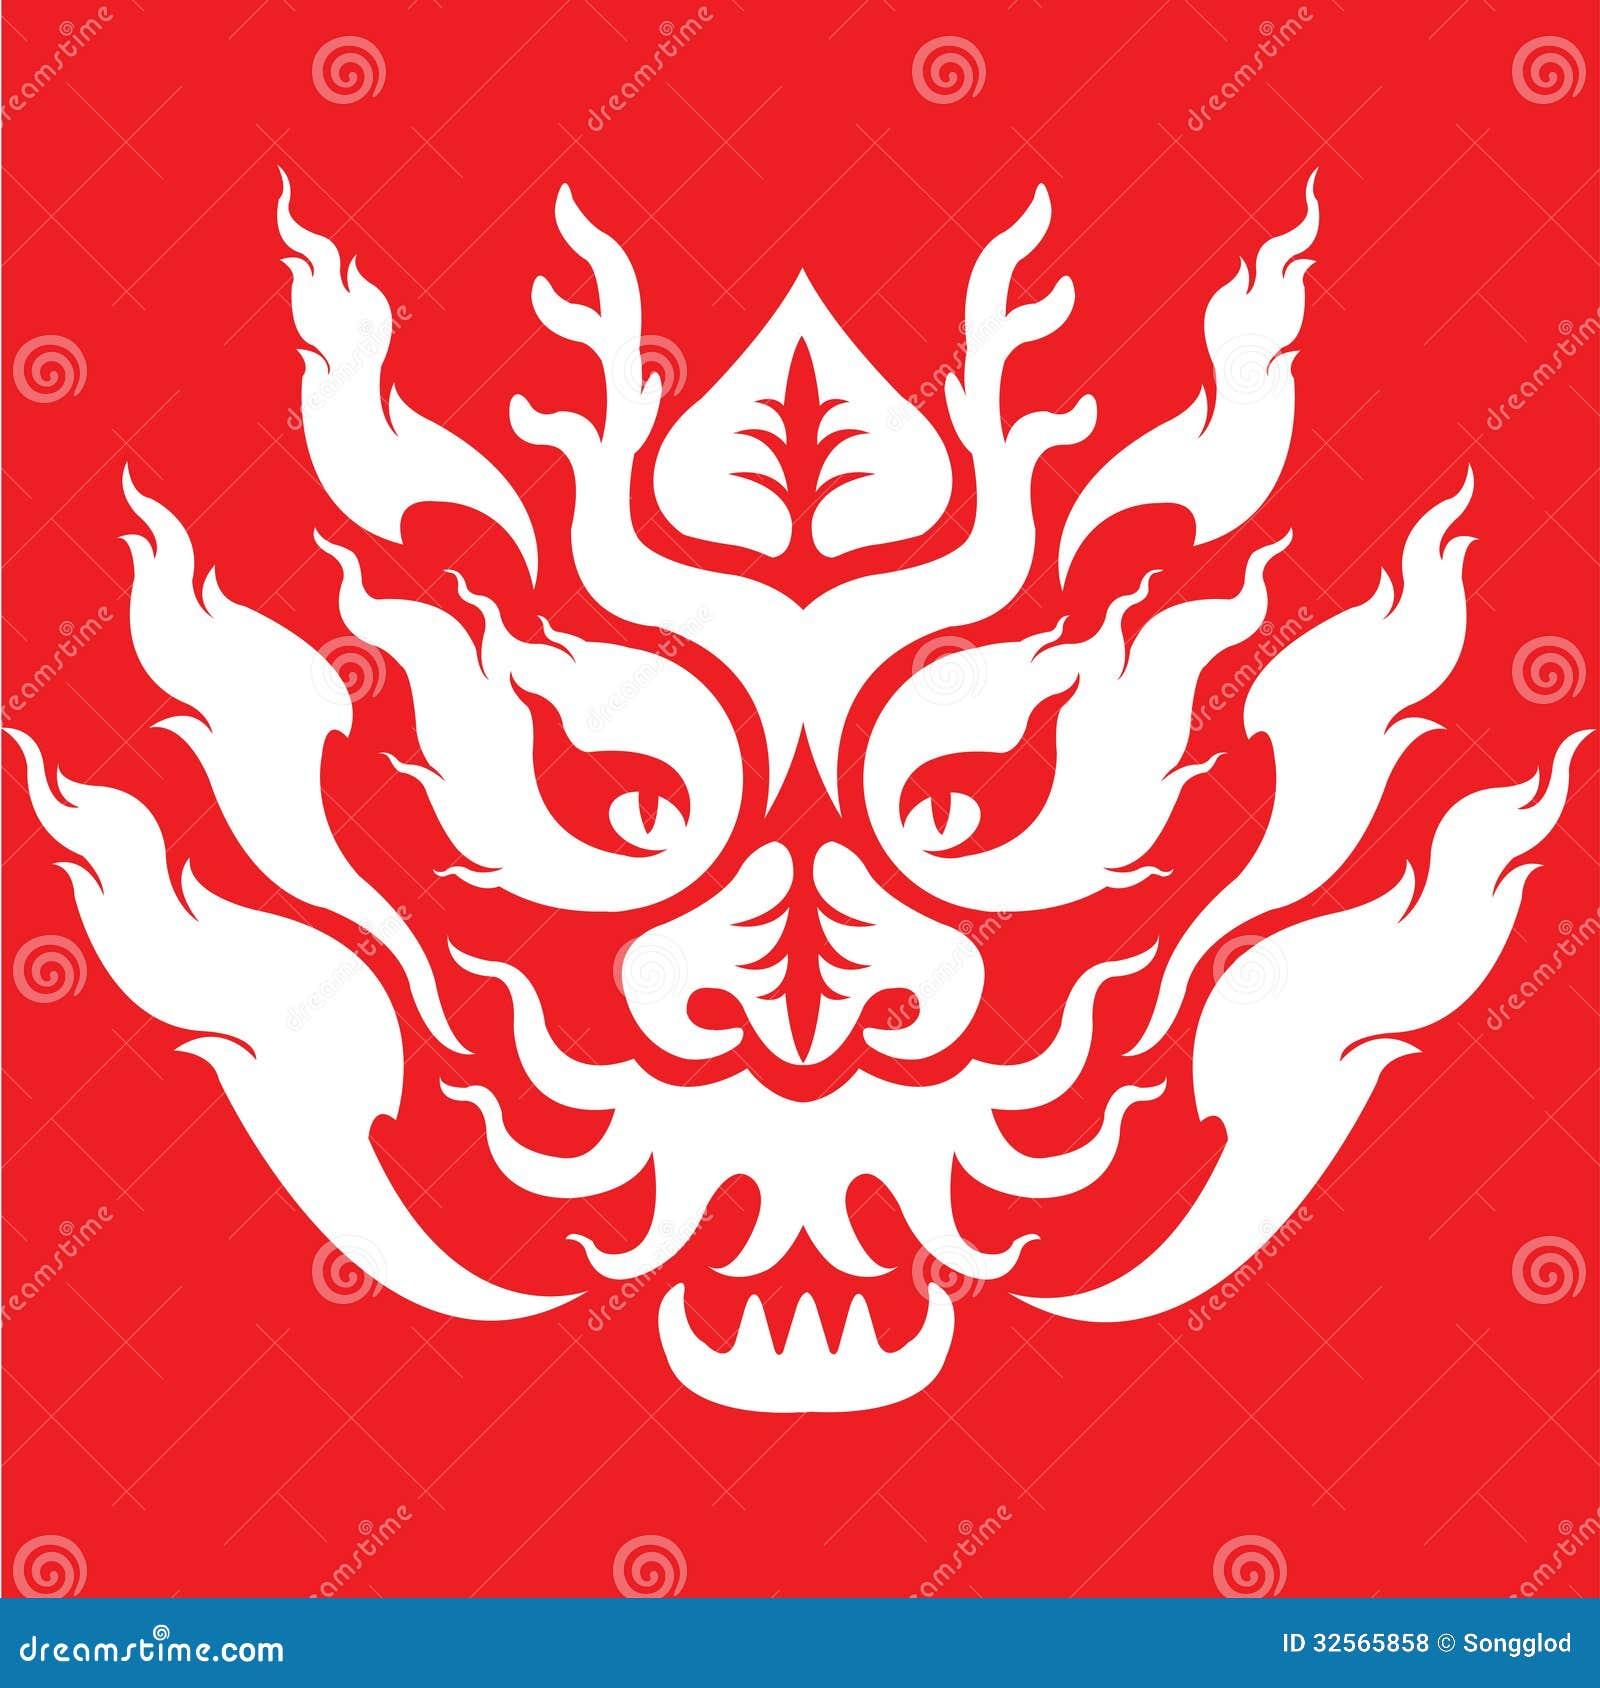 chinese dragon logo design